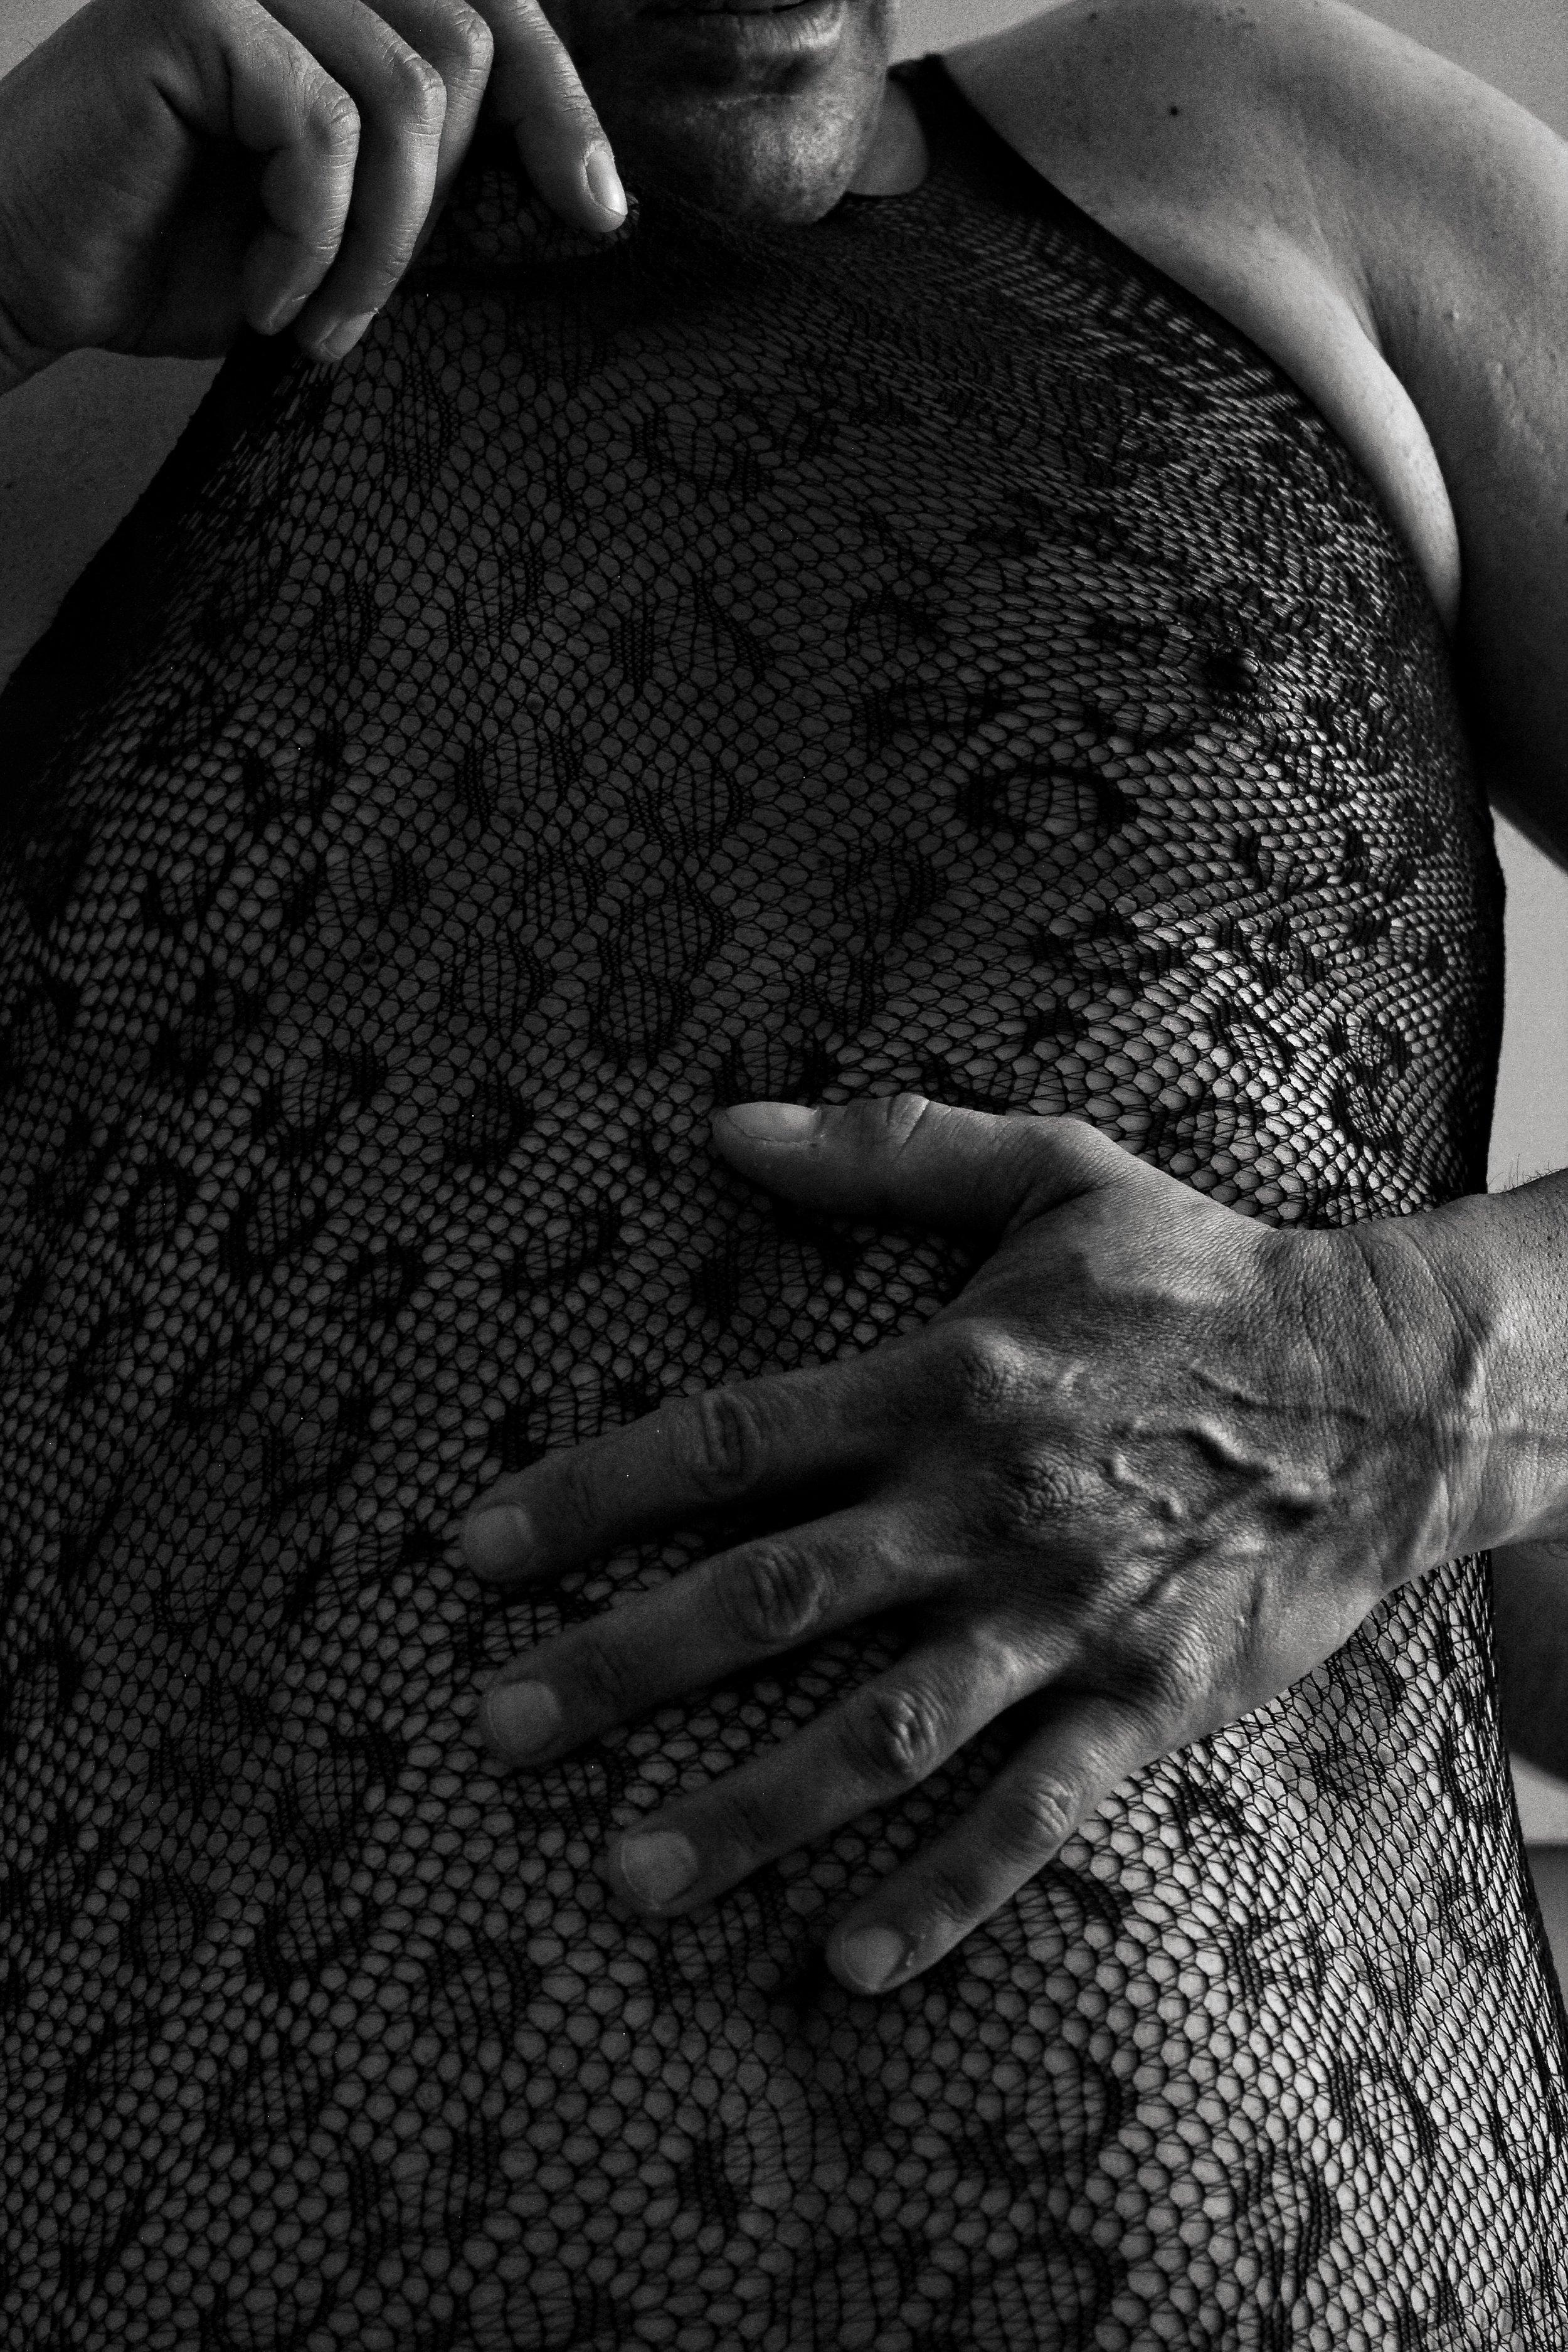 Snapseed-36.jpeg